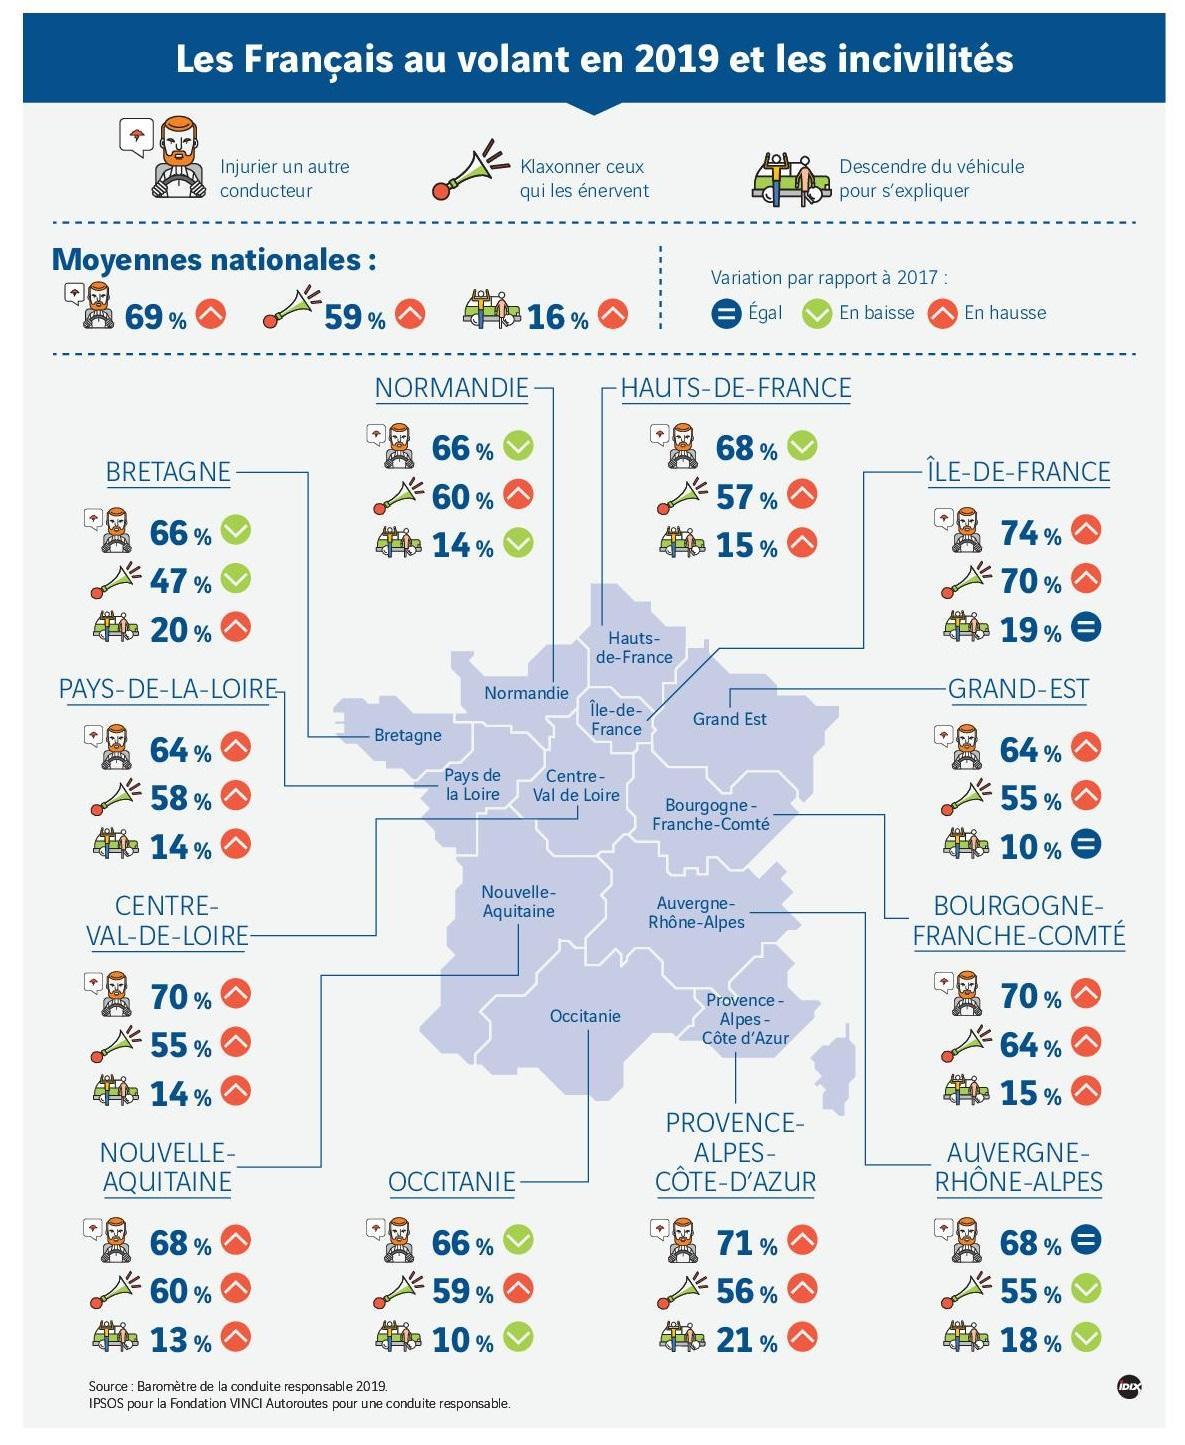 Les Français au volant en 2019 et les incivilités.